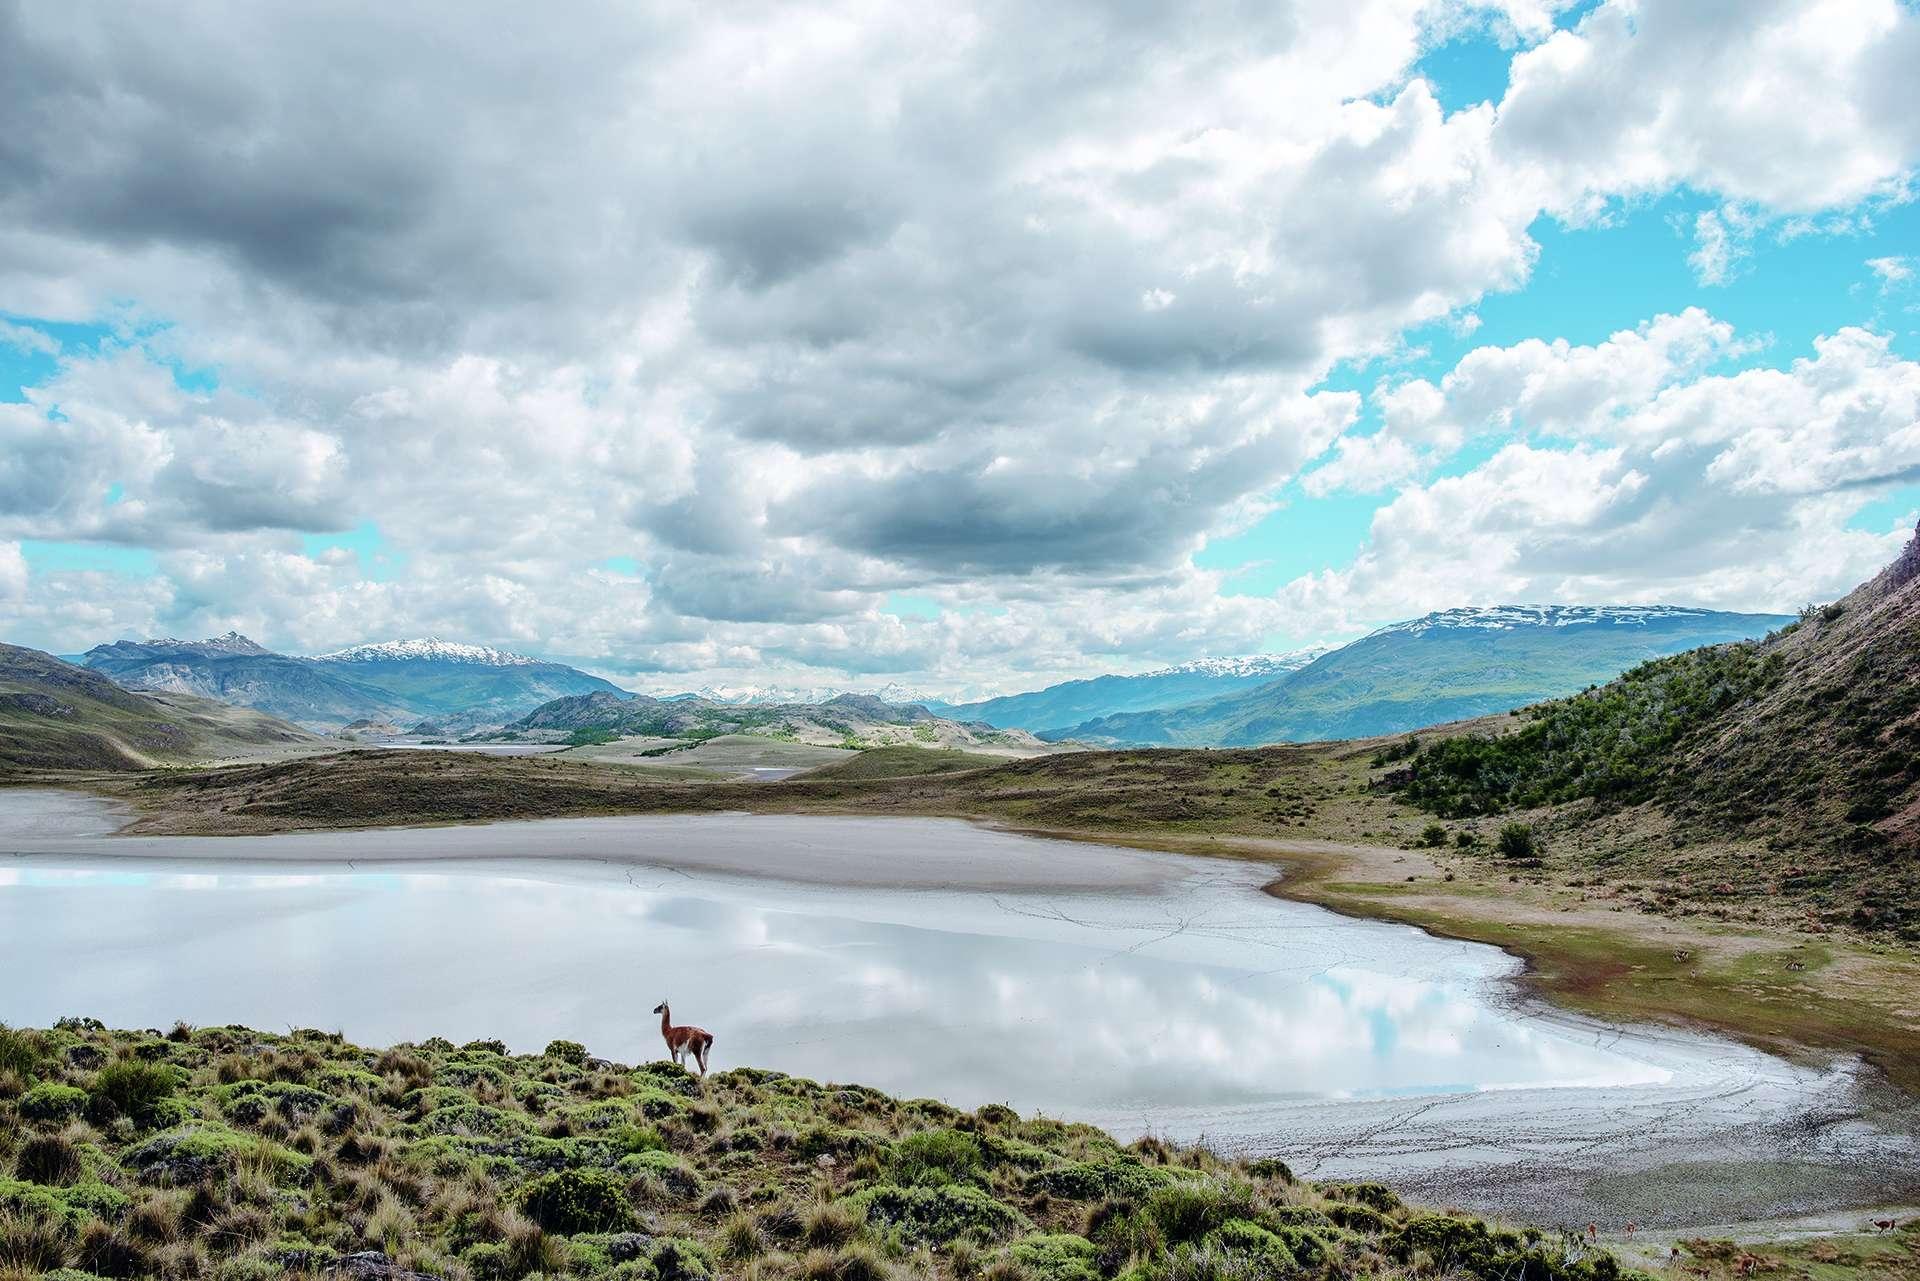 一隻原駝來到智利巴塔哥尼亞國家公園的塞卡潟湖喝水,這種動物就是駱馬的野生原型。巴塔哥尼亞國家公園占地30萬公頃,結合了公有土地與湯普金斯保育基金會捐出的私人土地。 PHOTO: TOMÁS MUNITA